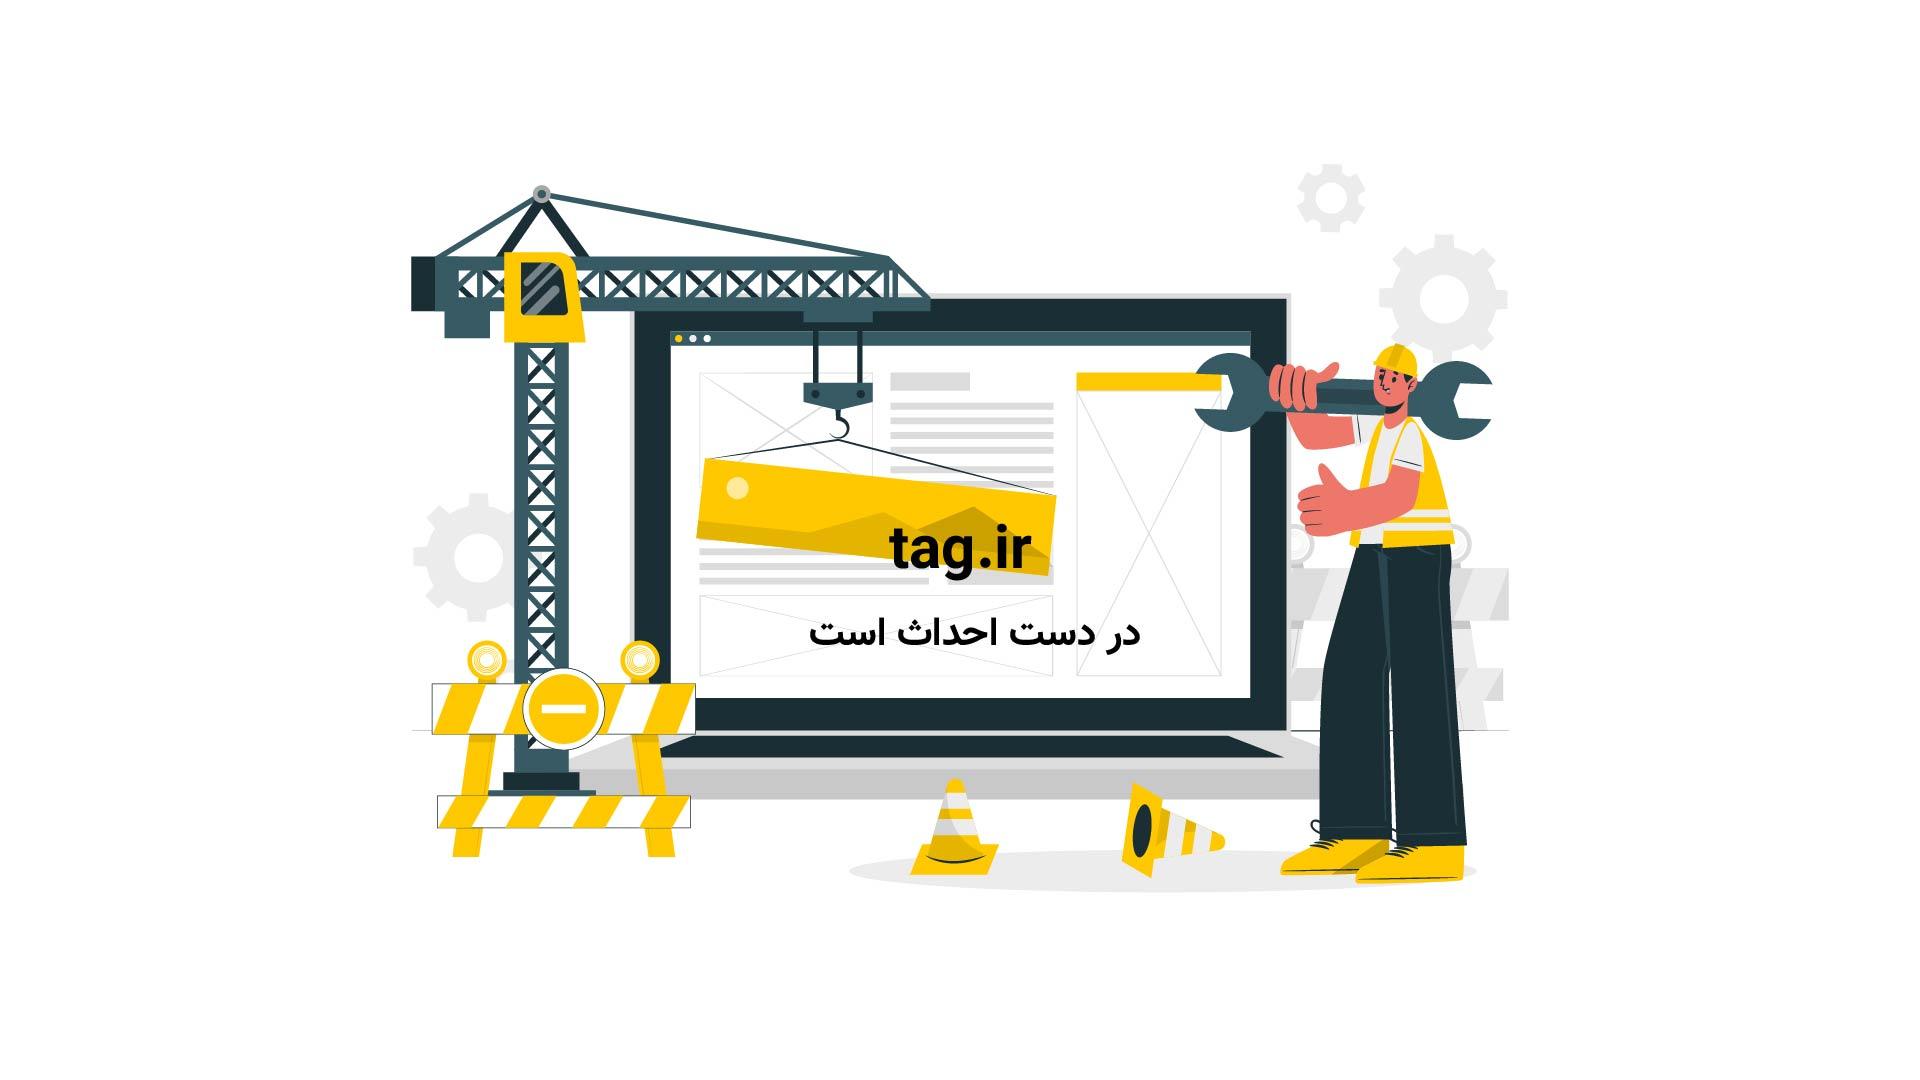 ادا بازی محمد نادری برای فالوده شیرازی | فیلم